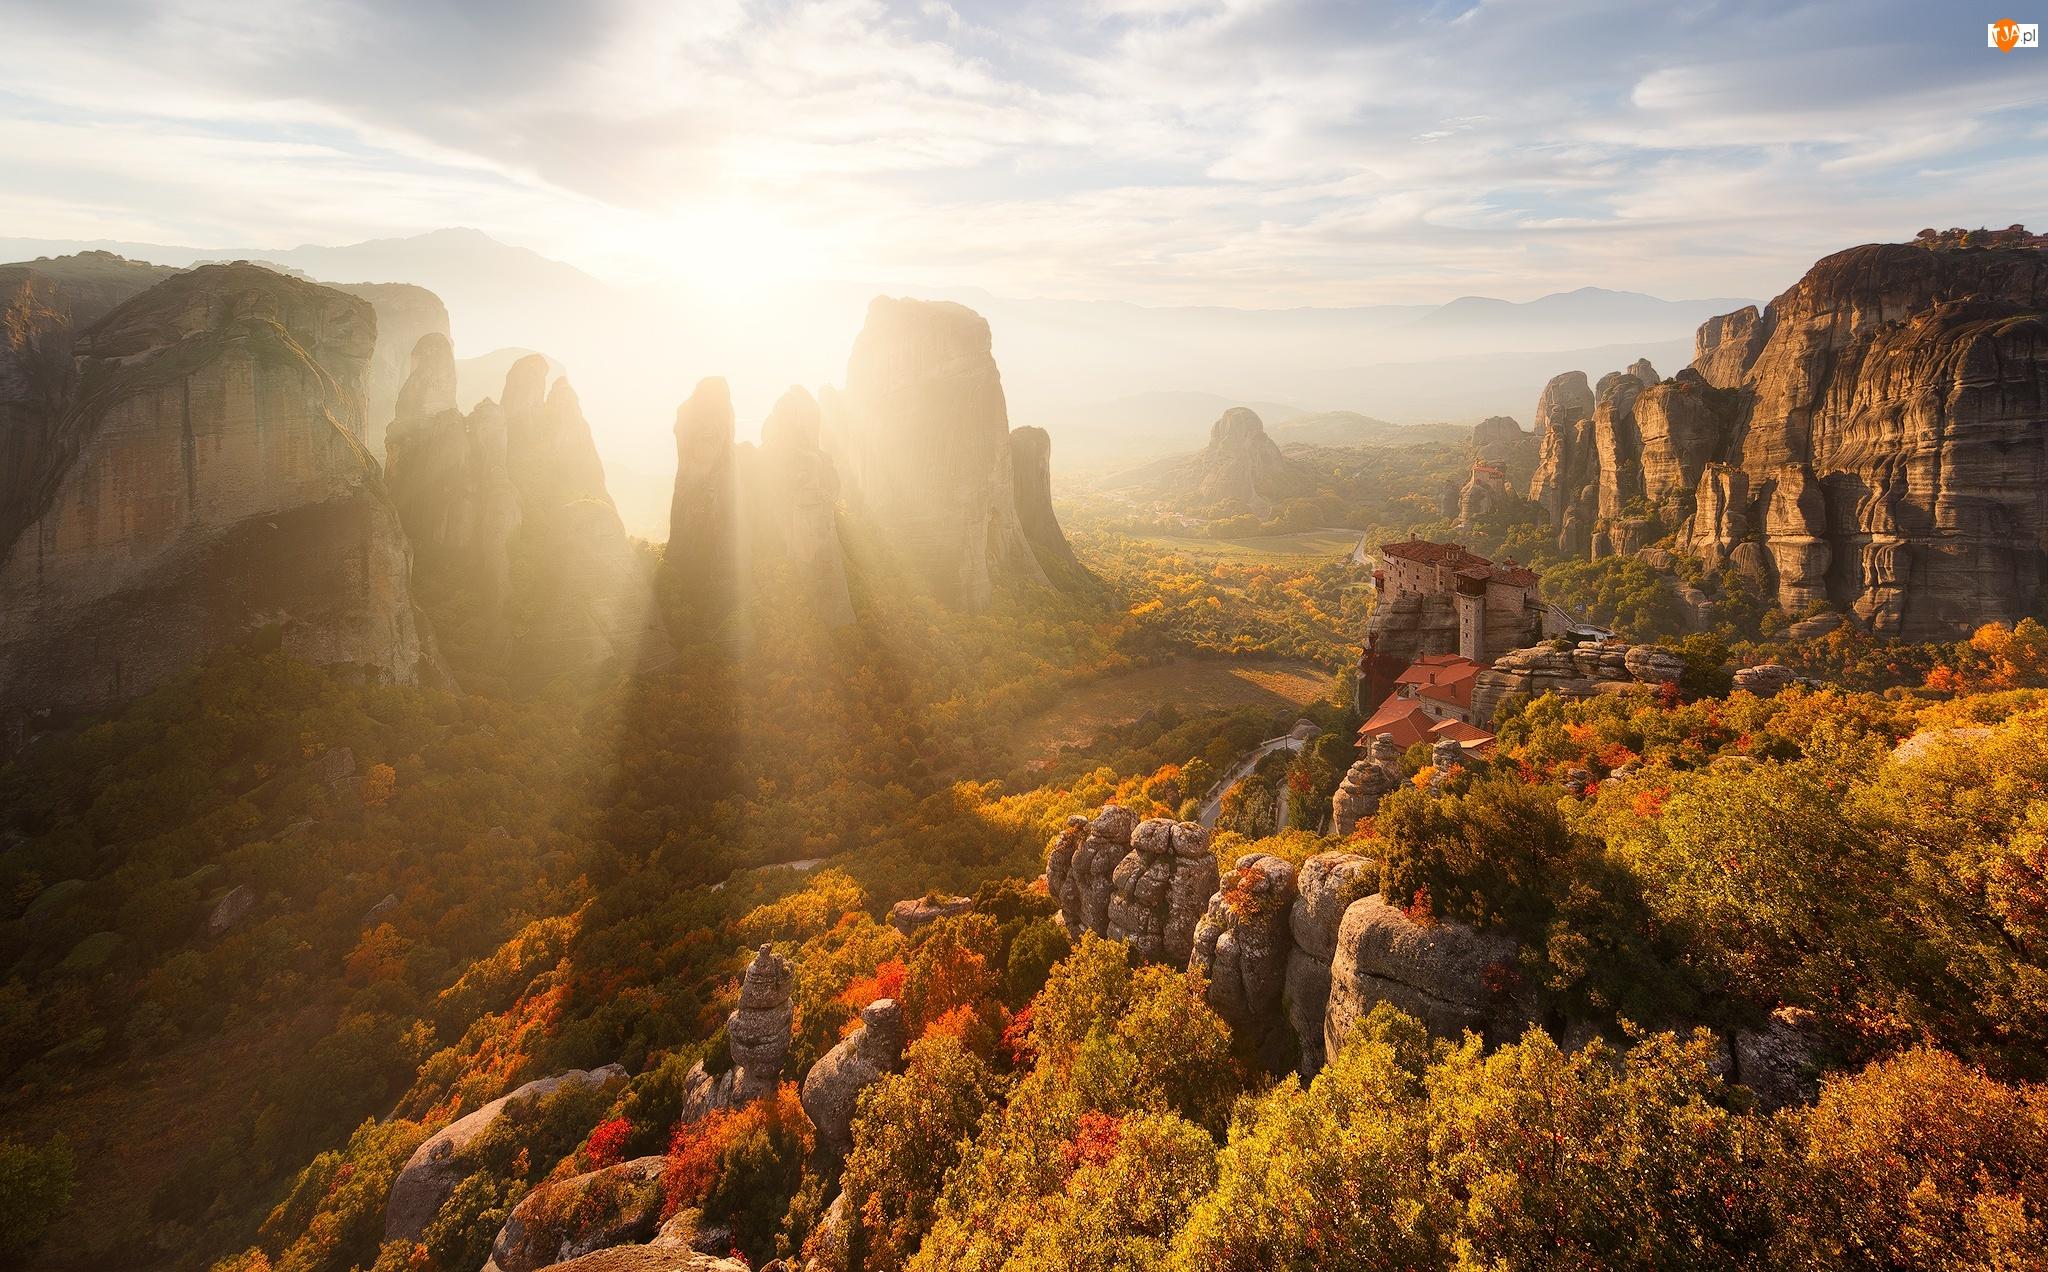 Drzewa, Jesień, Masyw skalny Meteory, Grecja, Przebijające Światło, Monastyr Varlaam - Klasztor Warłama, Skały